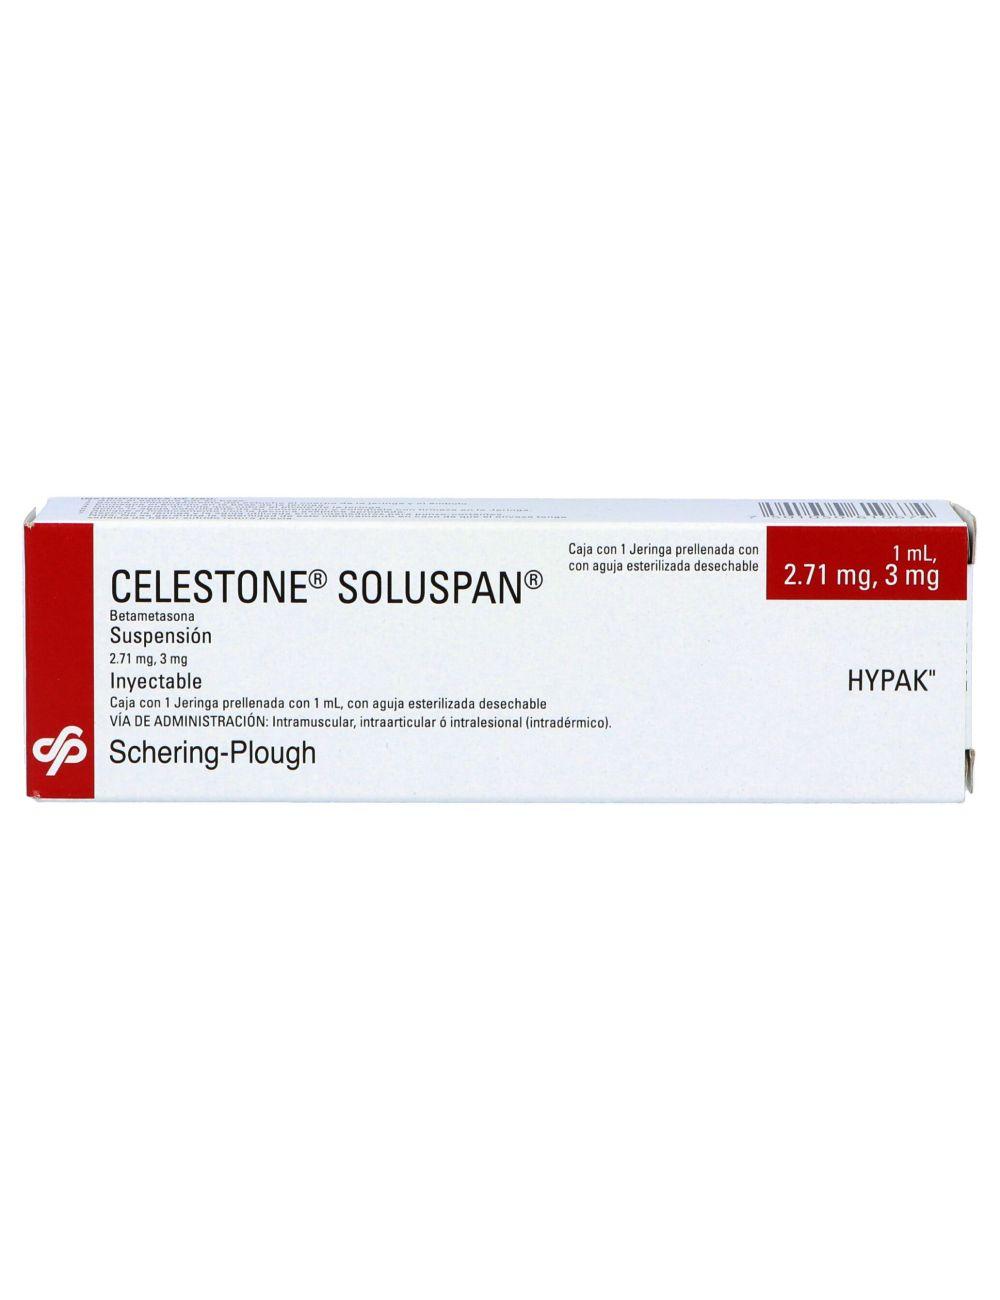 Celestone Soluspan Supensión Inyectable Caja Con 1 Jeringa Prellenada Con 1 mL